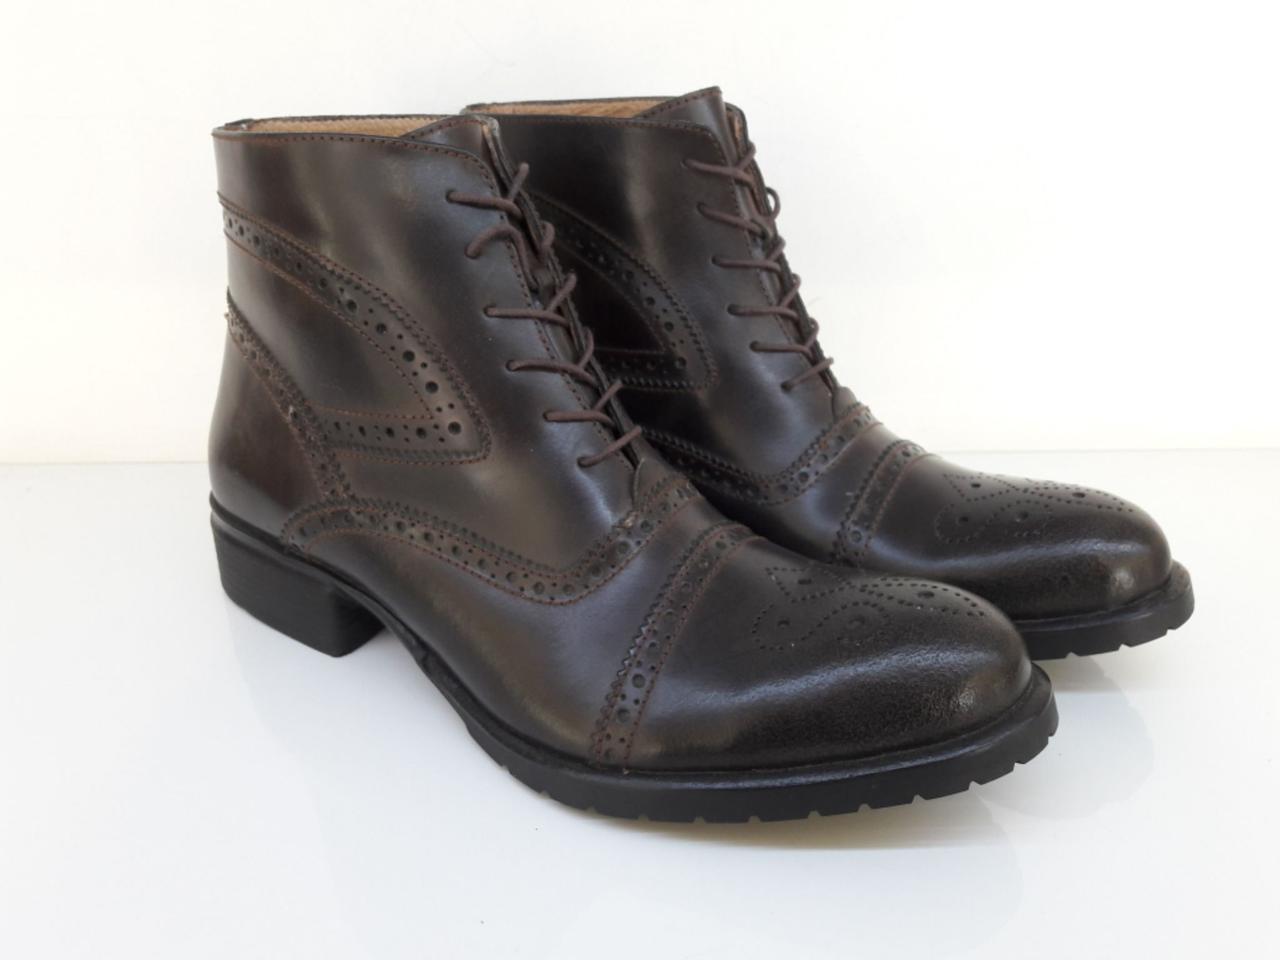 Ботинки Etor 4458 41 коричневые